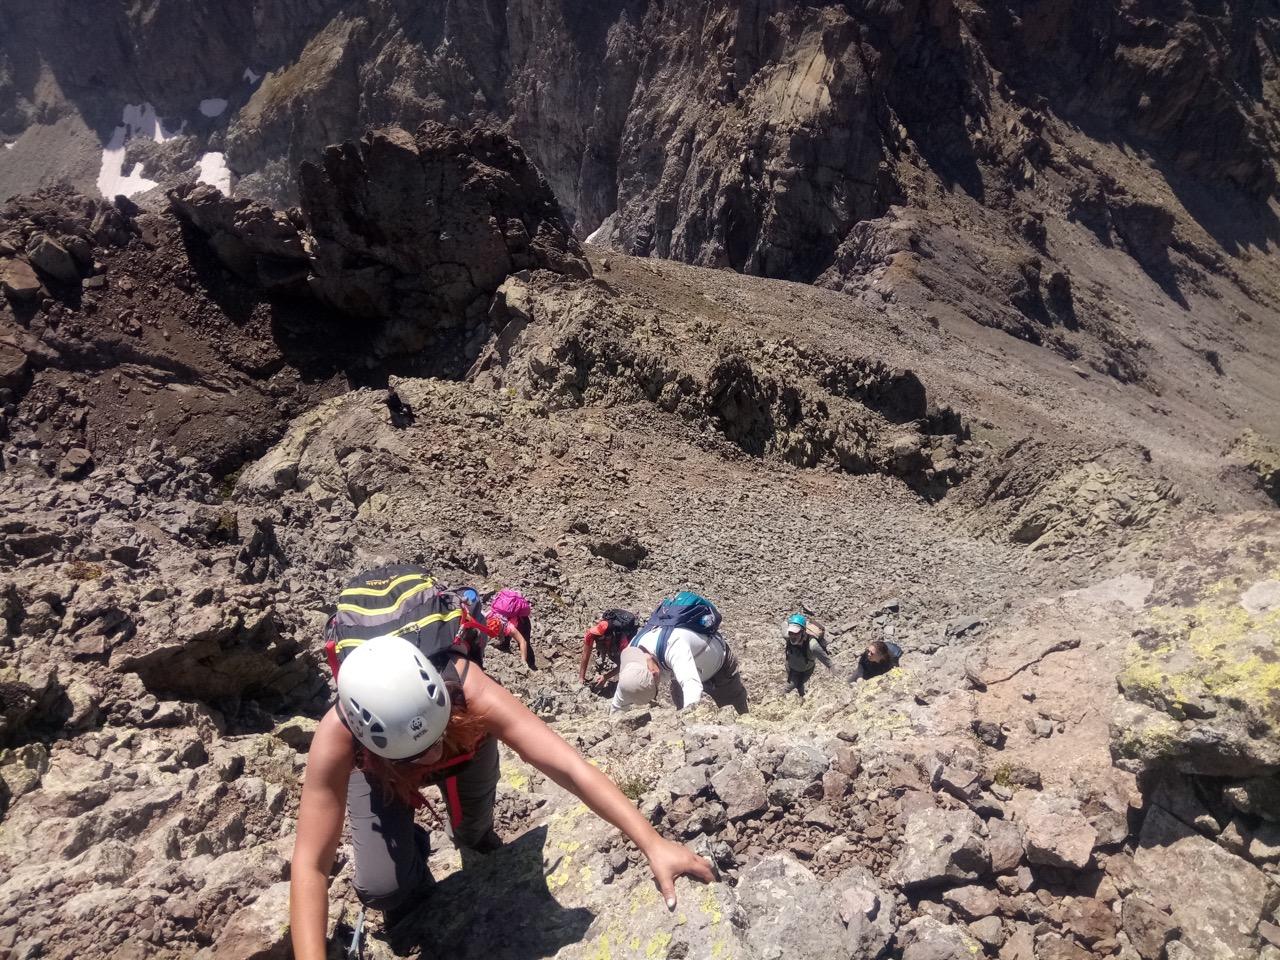 Klosdag Karçal Dağı tırmanışını gerçekleştirdi.